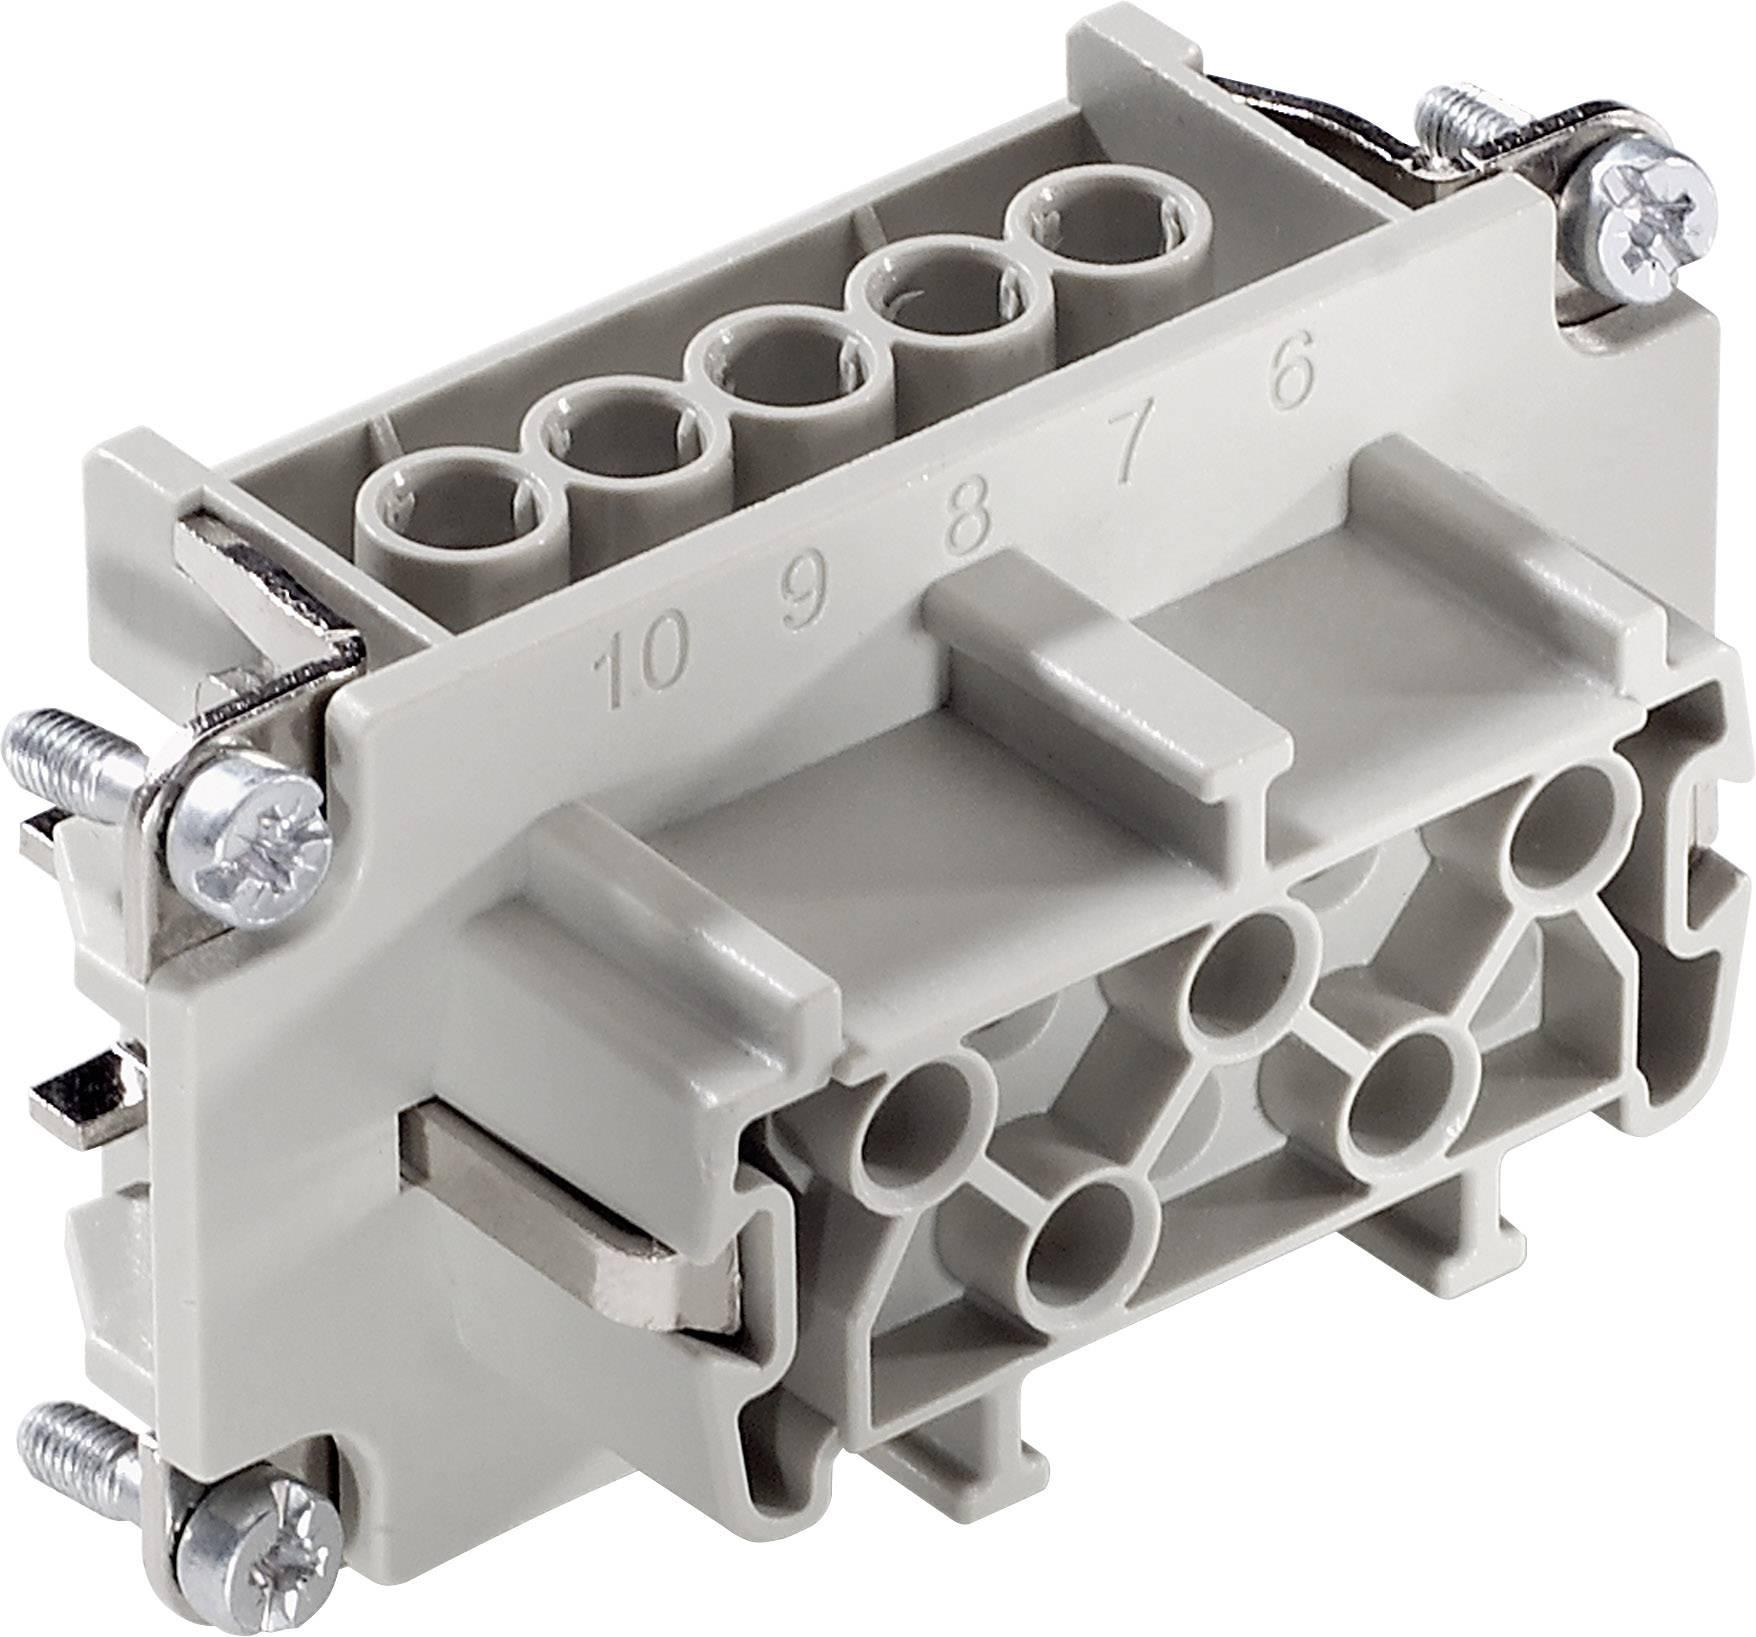 Konektorová vložka, zásuvka EPIC® H-BE 10 10193000 LappKabel počet kontaktů 10 + PE 1 ks